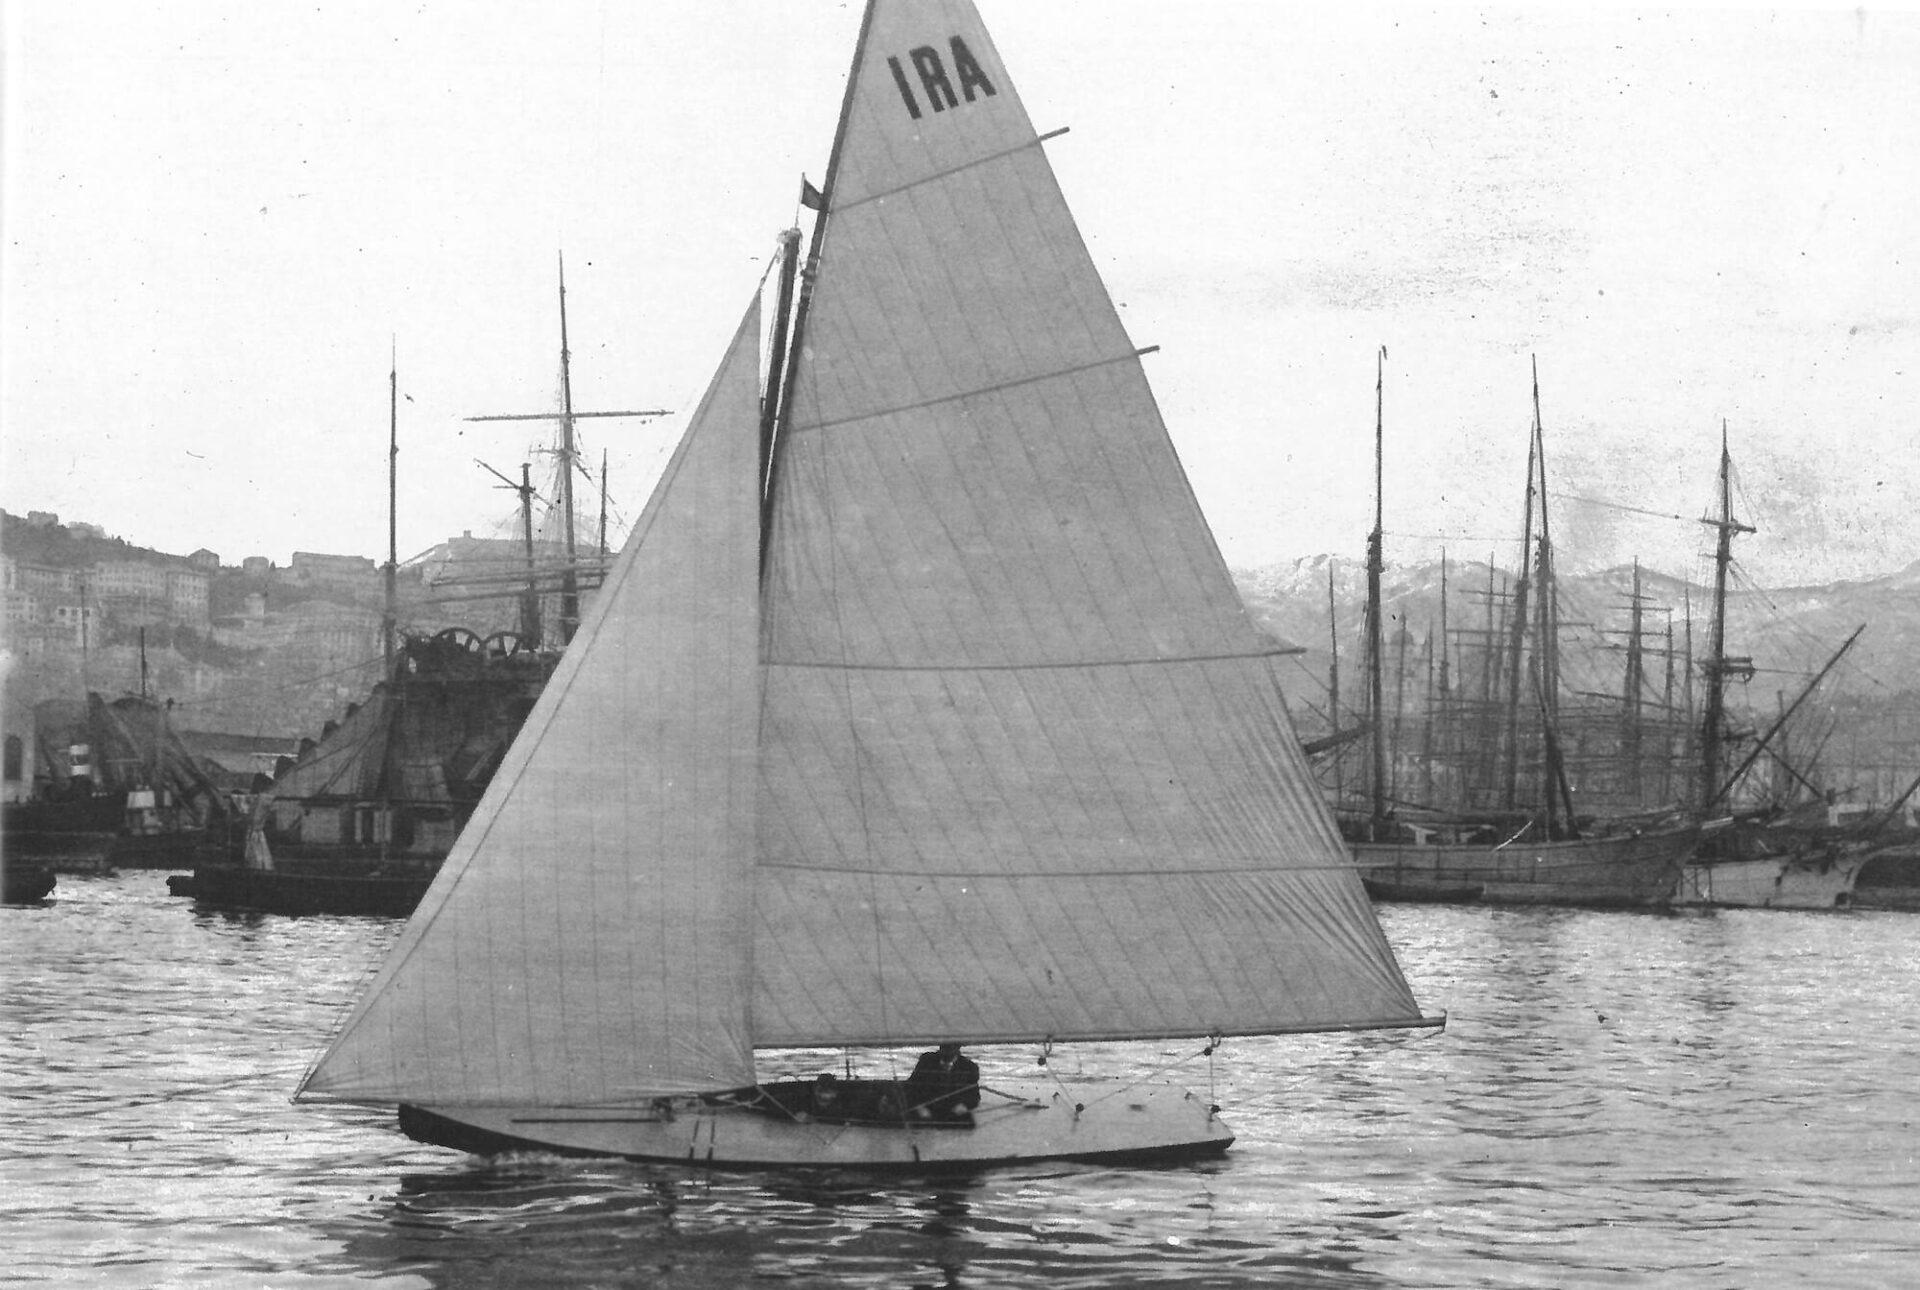 1905 - Ira, yacht a vela in navigazione